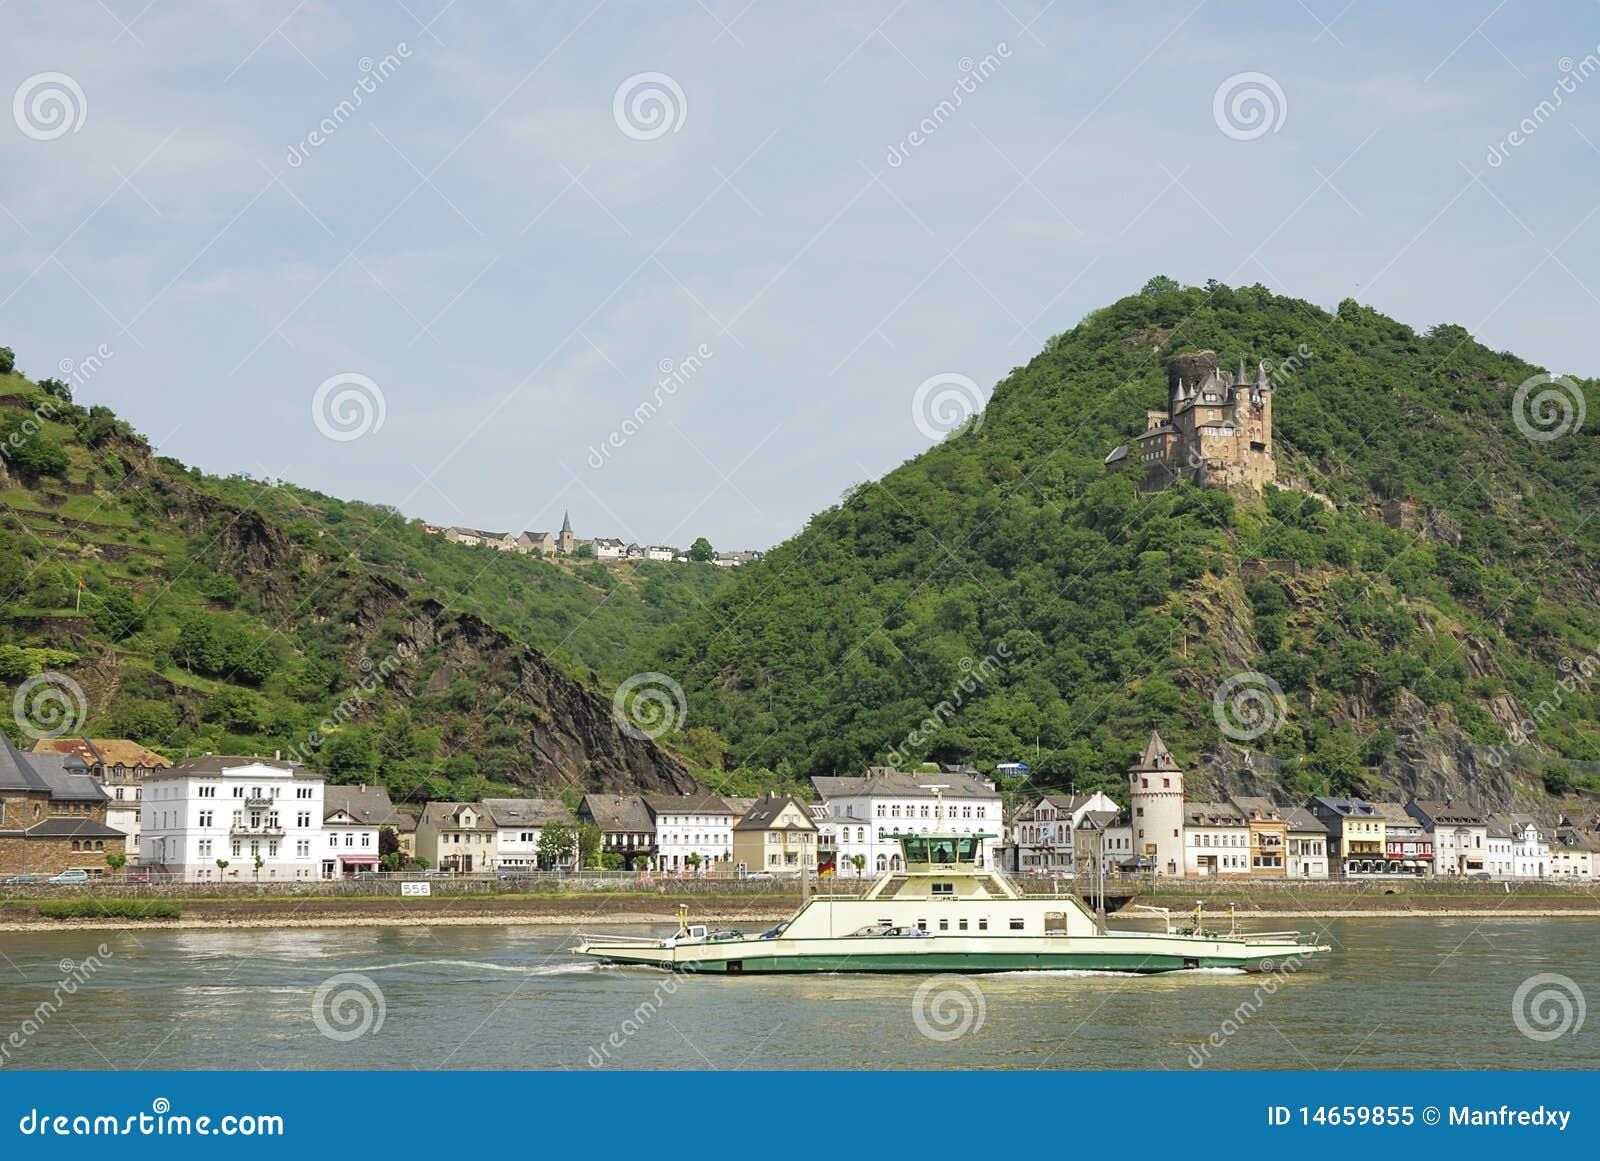 城堡莱茵河